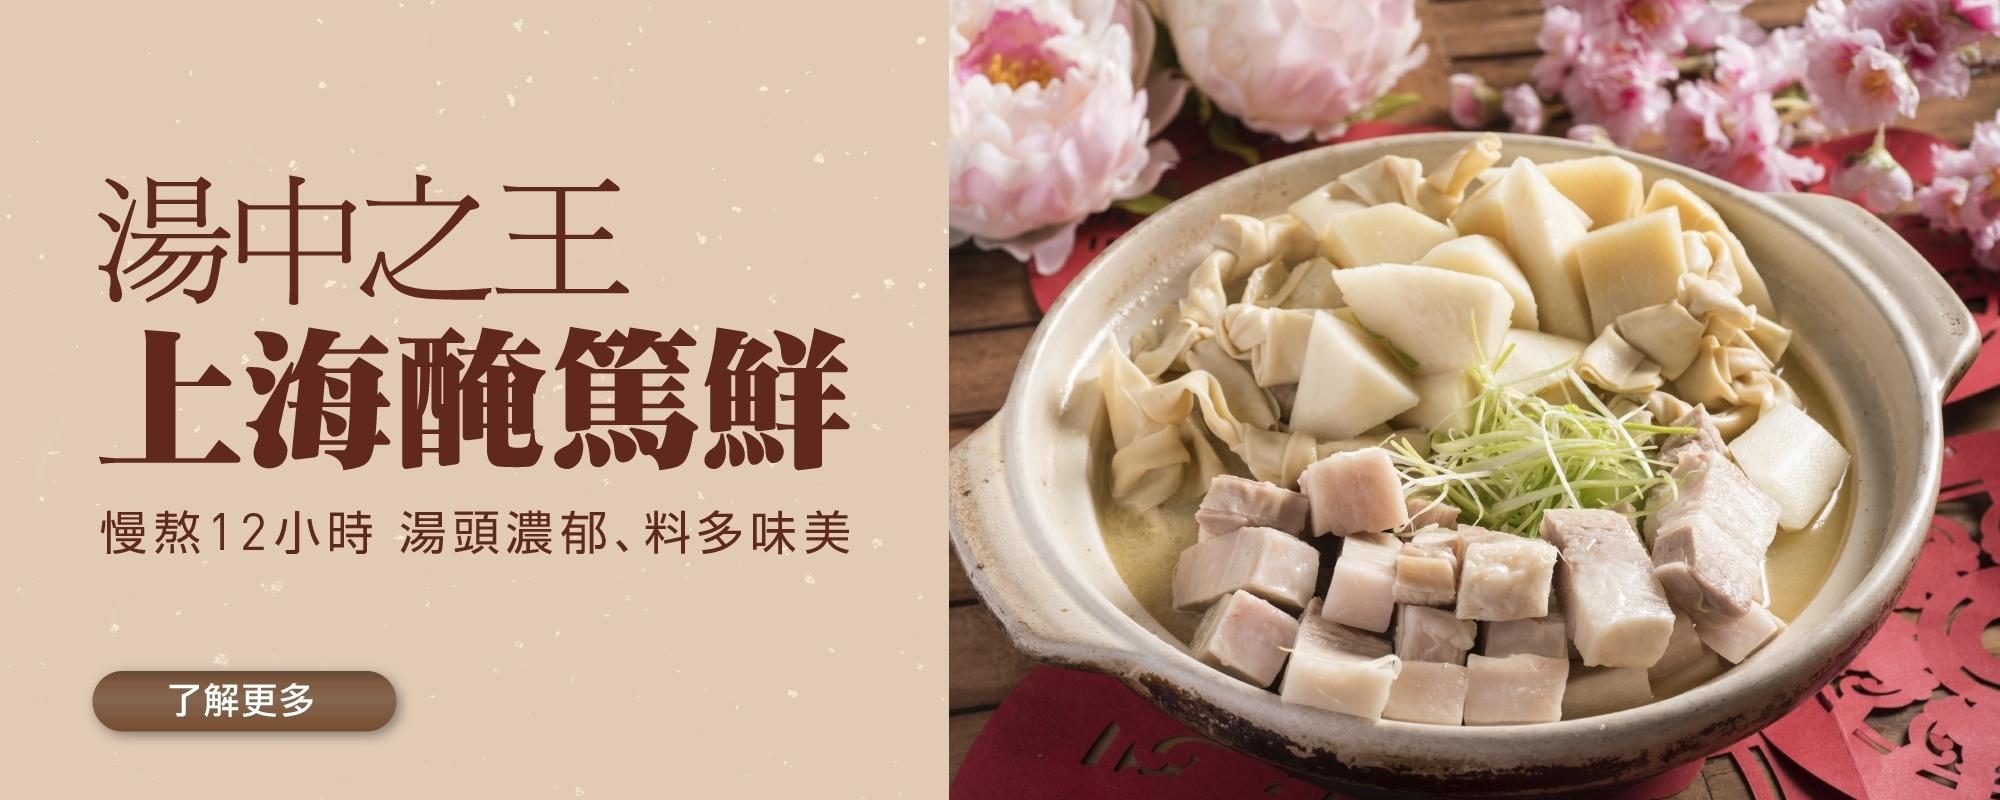 六福皇宮上海醃篤鮮 上海菜系經典上湯 以火腿 百頁結等熬煮12小時以上而成